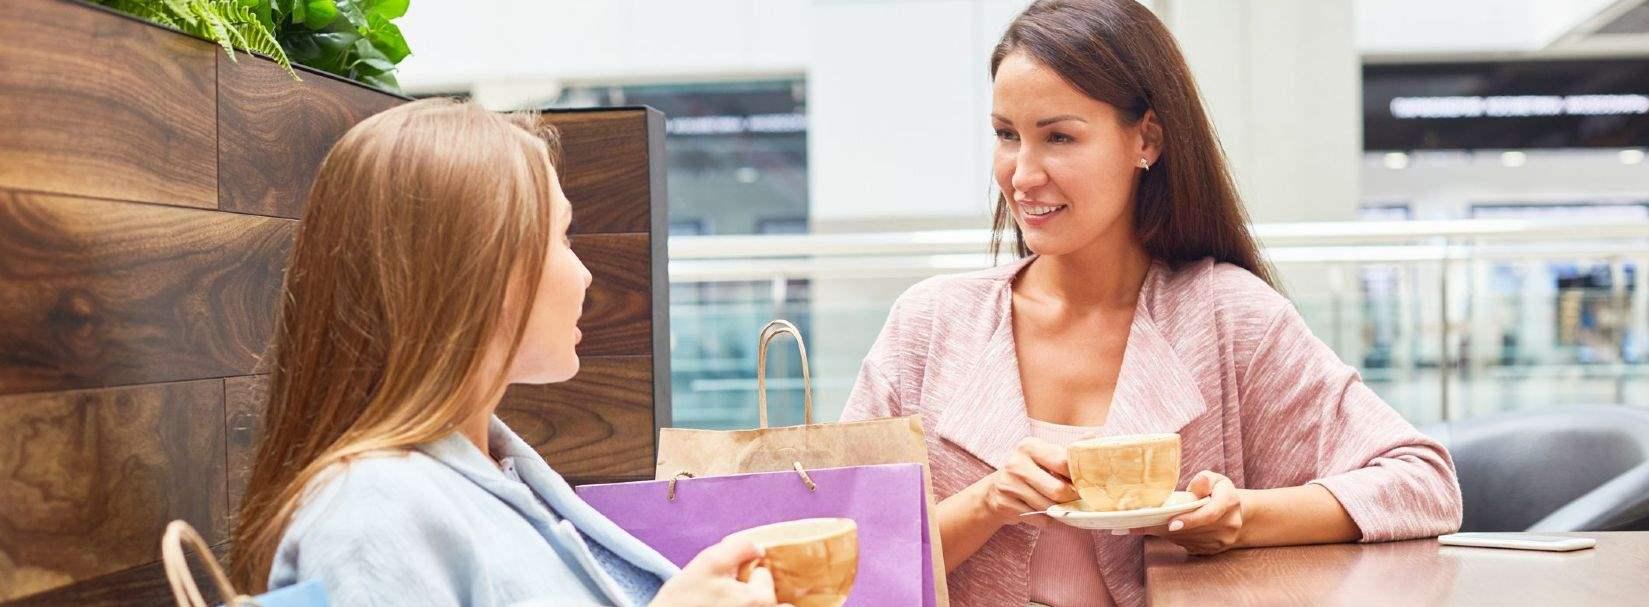 Gastronomisierung des Einzelhandels